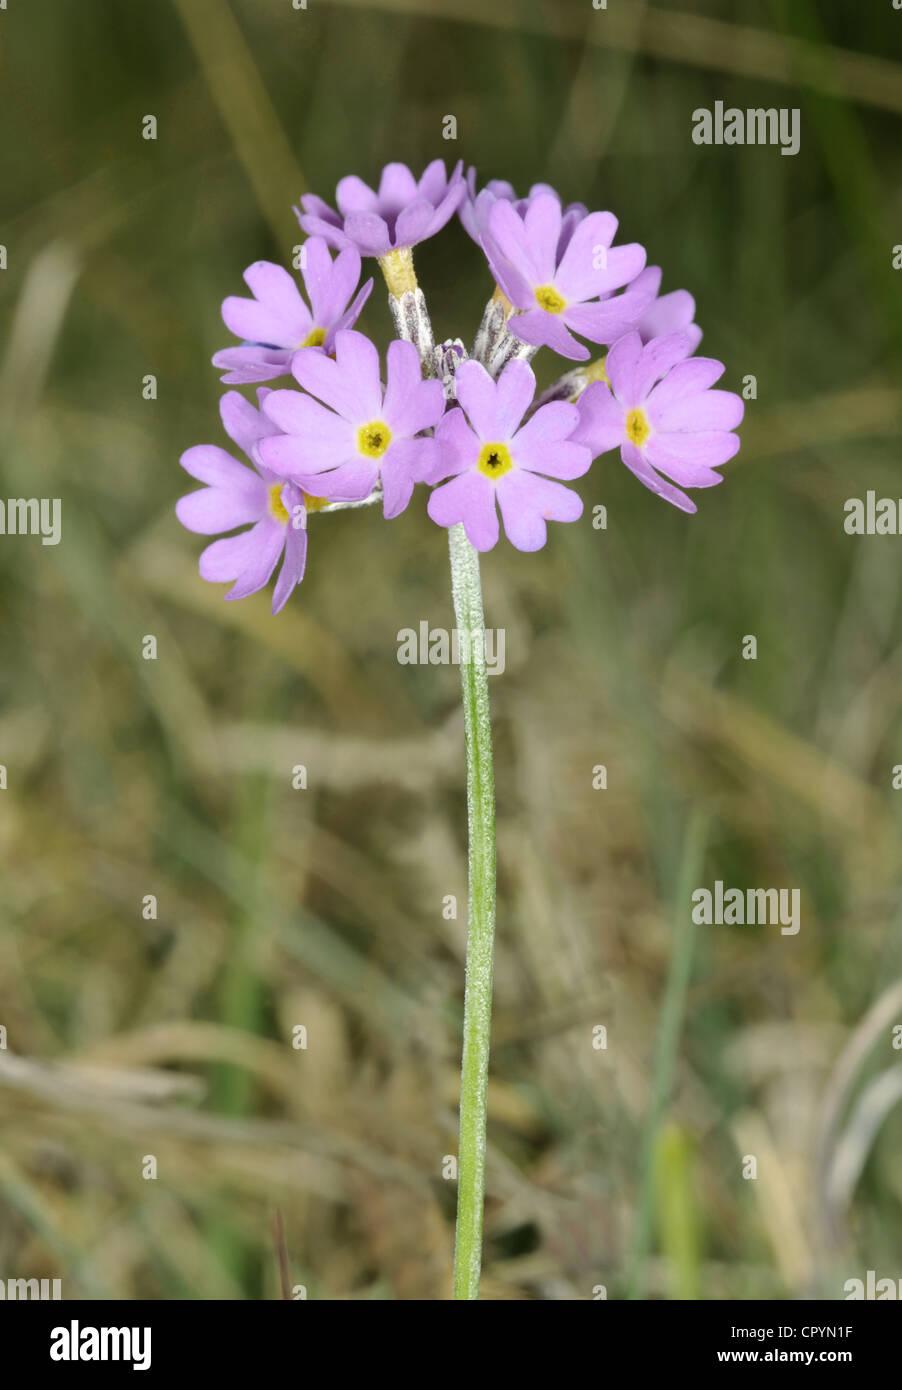 BIRD'S-EYE PRIMROSE Primula farinosa (Primulaceae) Stock Photo